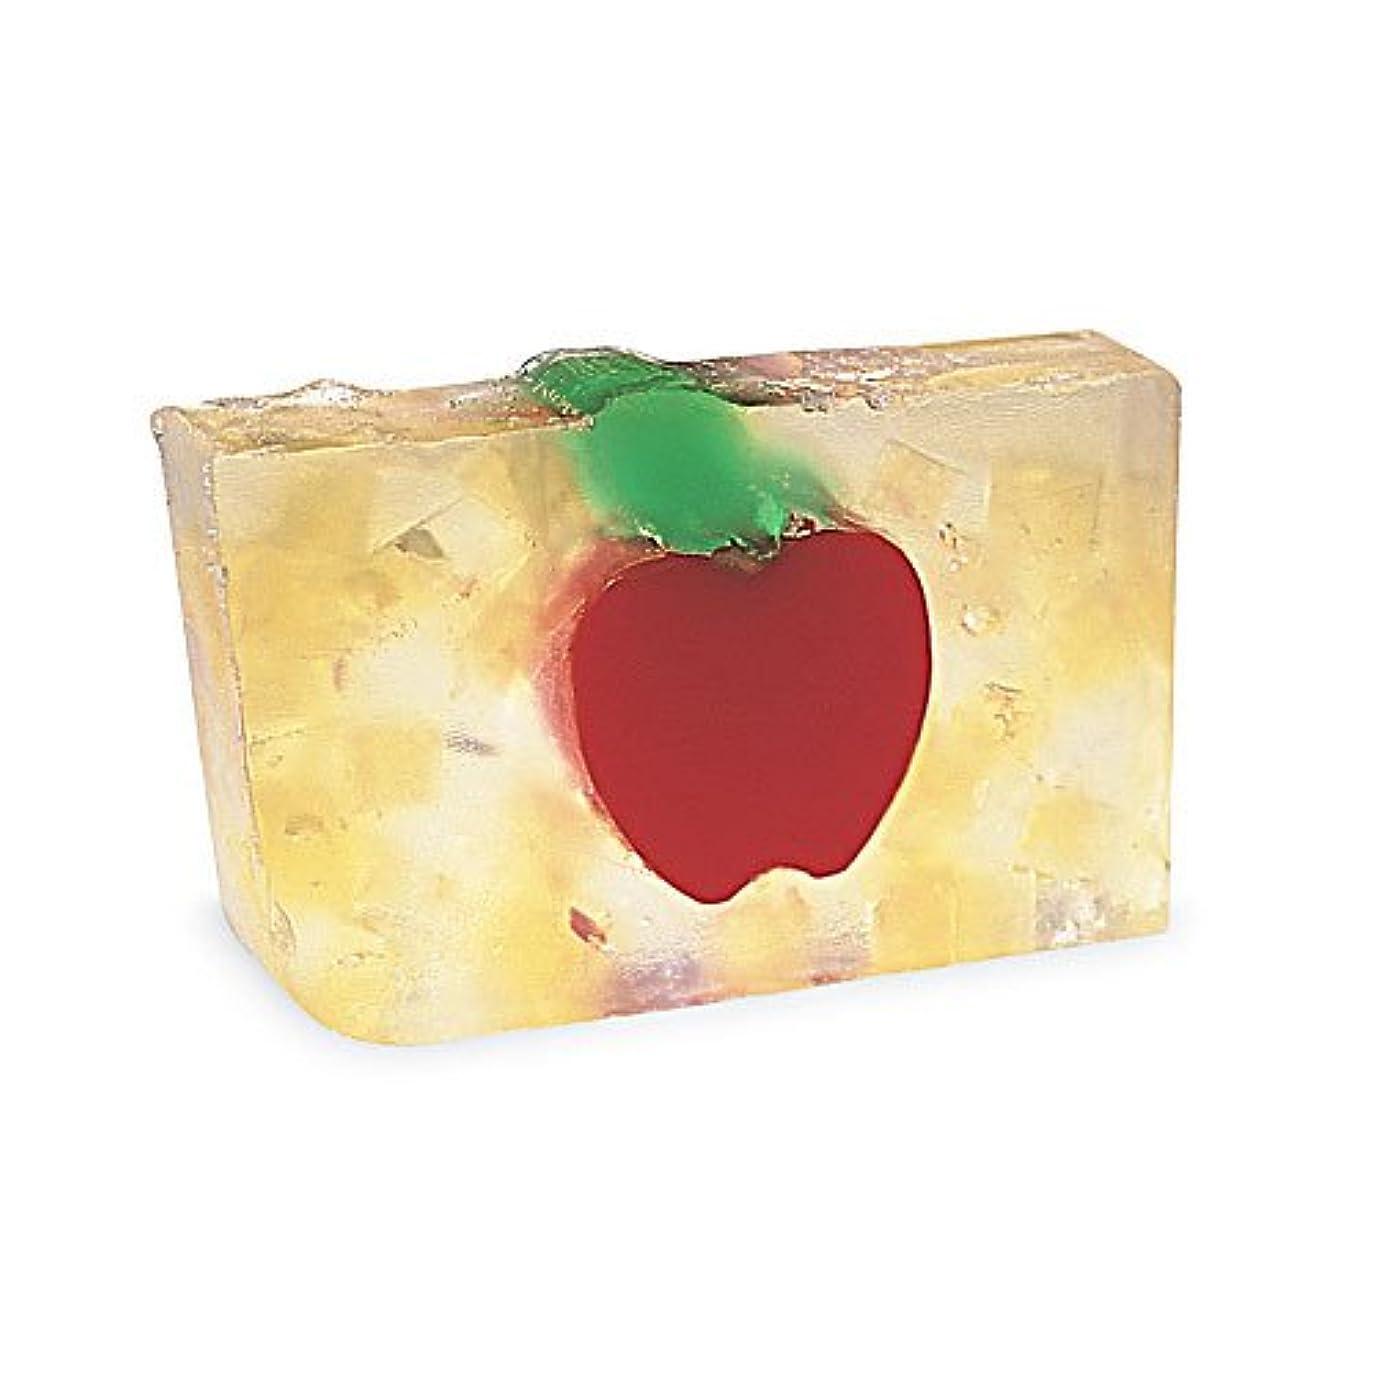 シャイニング気候ひねりプライモールエレメンツ アロマティック ソープ ビッグアップル 180g 植物性 ナチュラル 石鹸 無添加